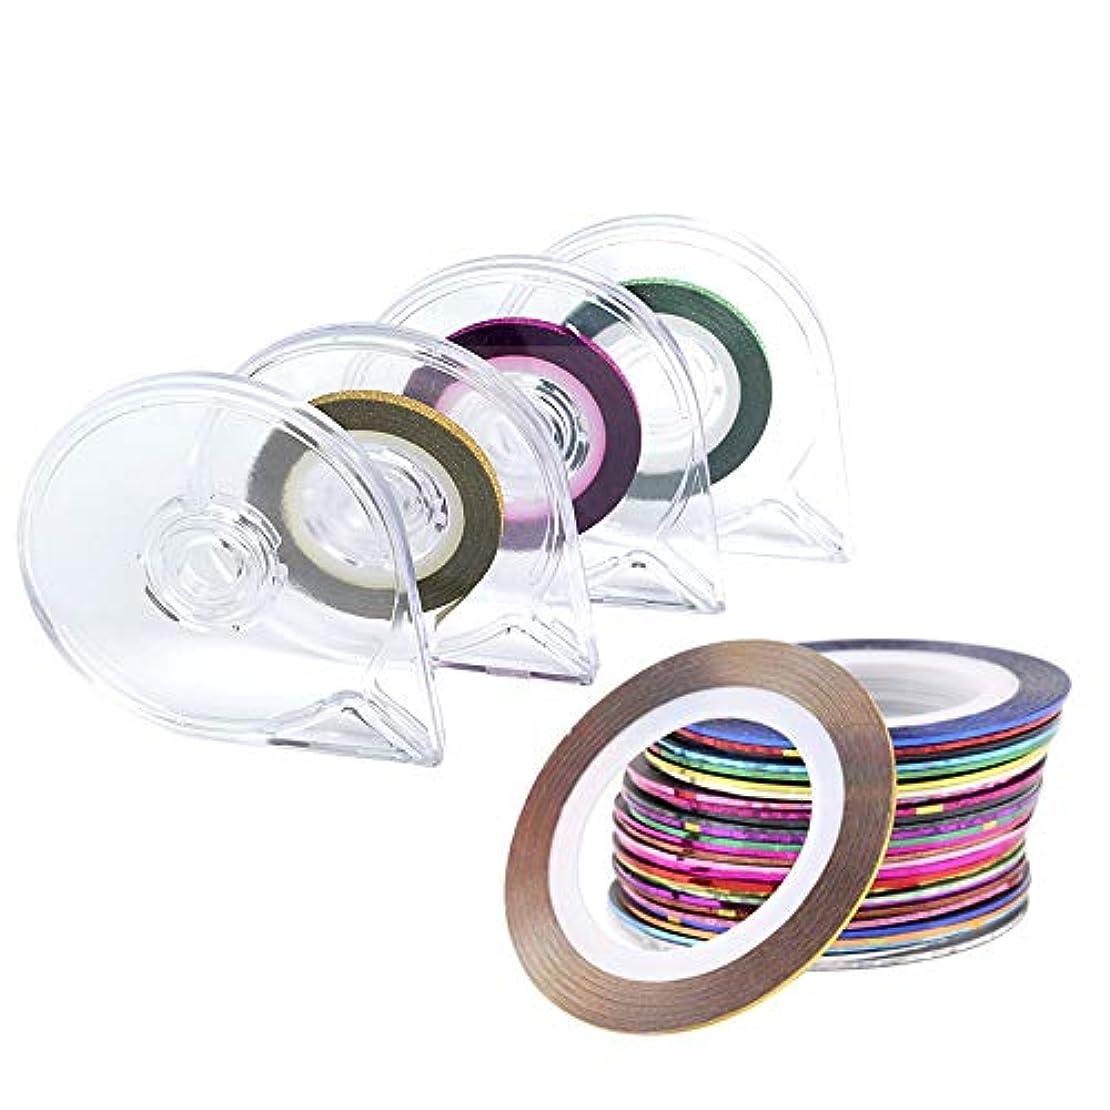 朝食を食べる選出するホームレスラインテープネイルアート用 ラインテープ シート ジェルネイル用 マニキュア セット ジェルネイル アート用ラインテープ 専用ケース付き 30ピース /セット (Color : Mixed Colour)